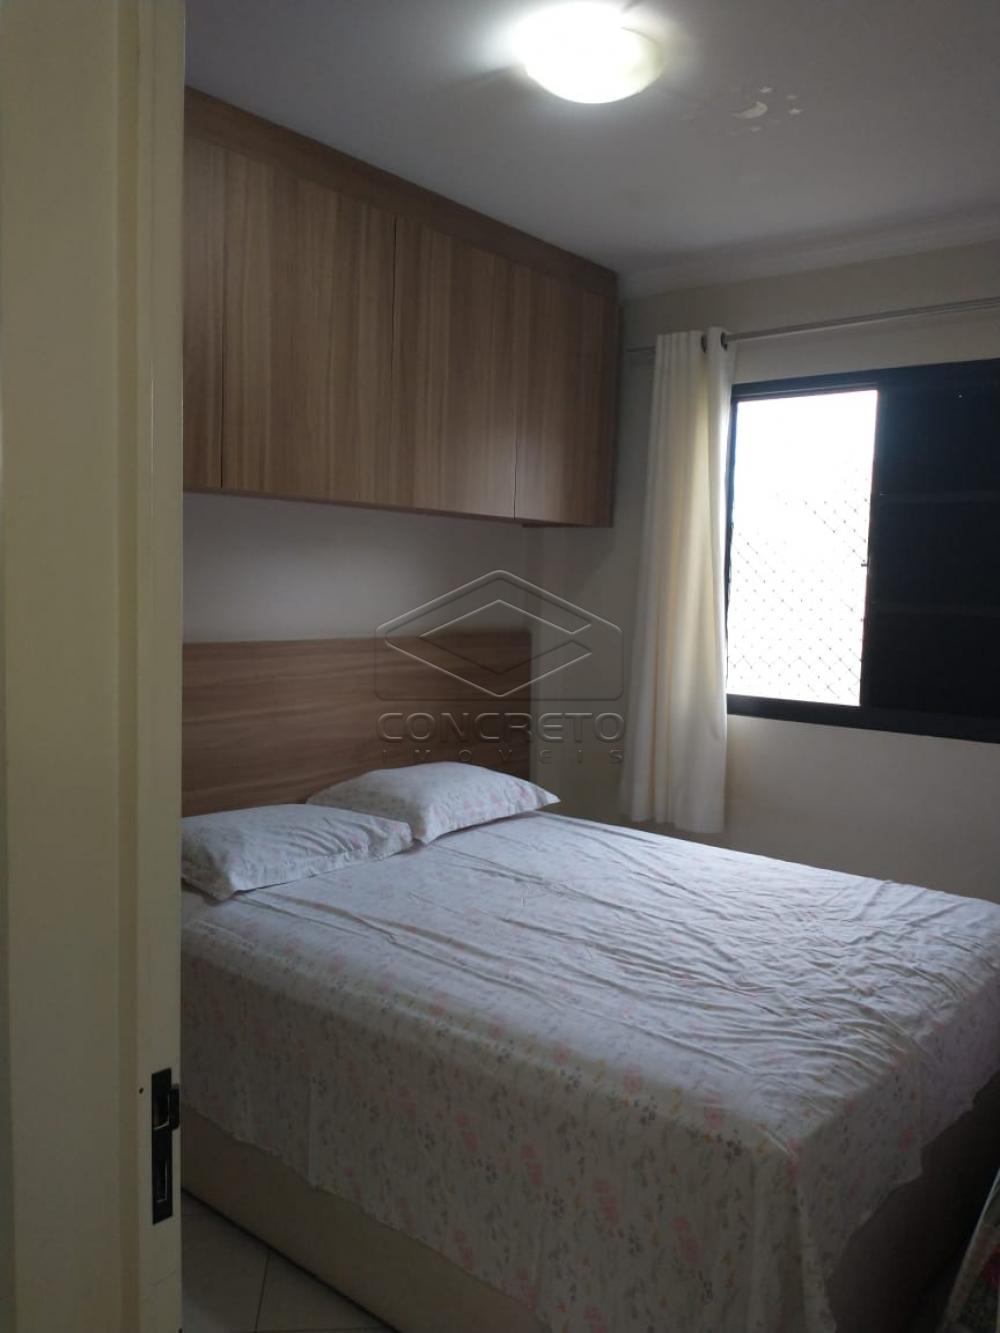 Comprar Apartamento / Padrão em Bauru R$ 230.000,00 - Foto 5